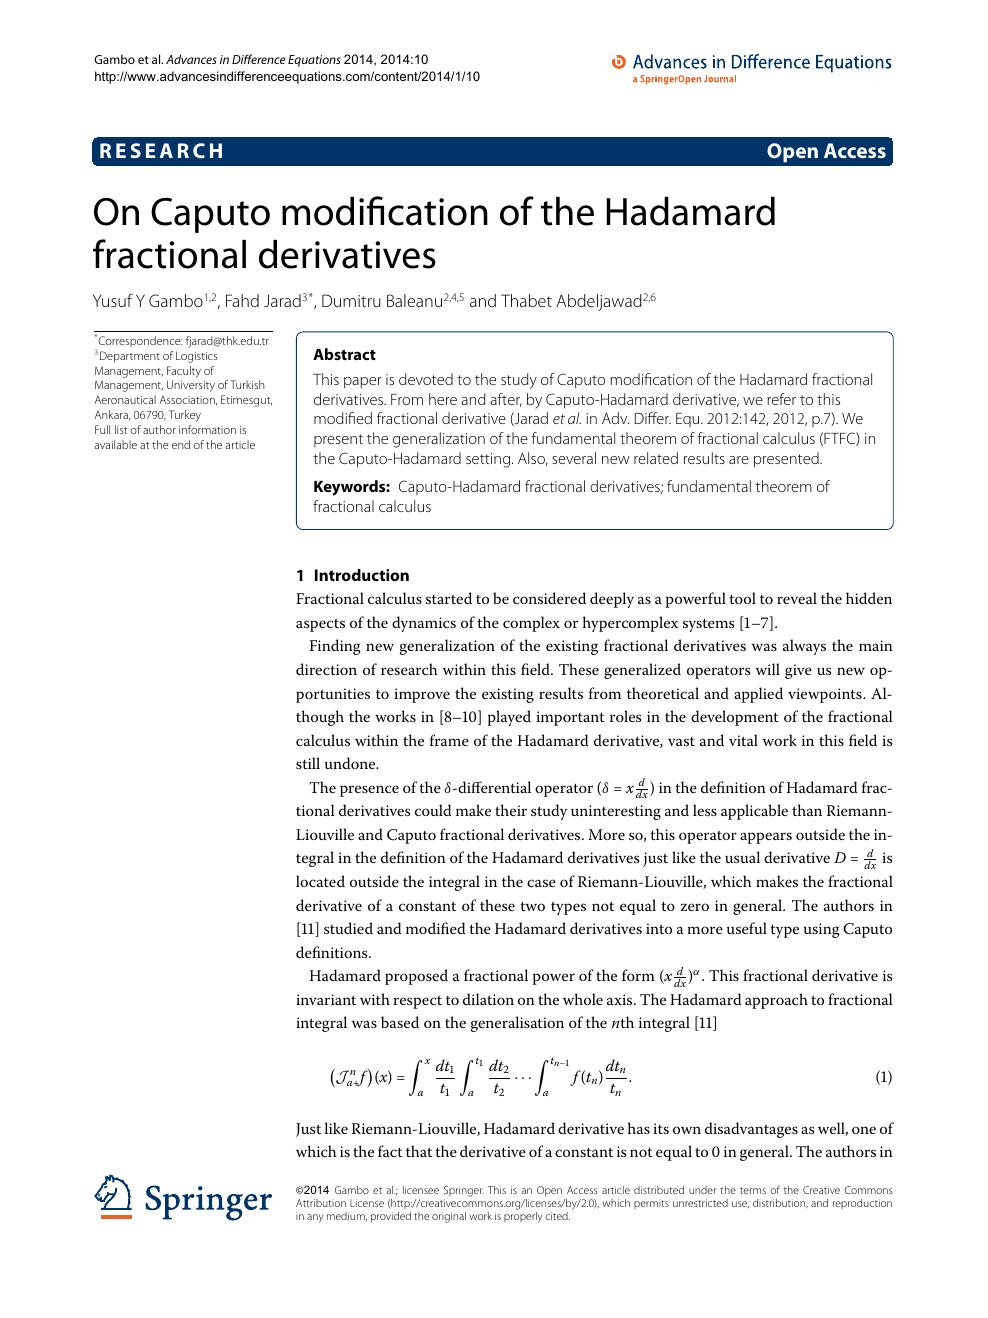 derivative research paper